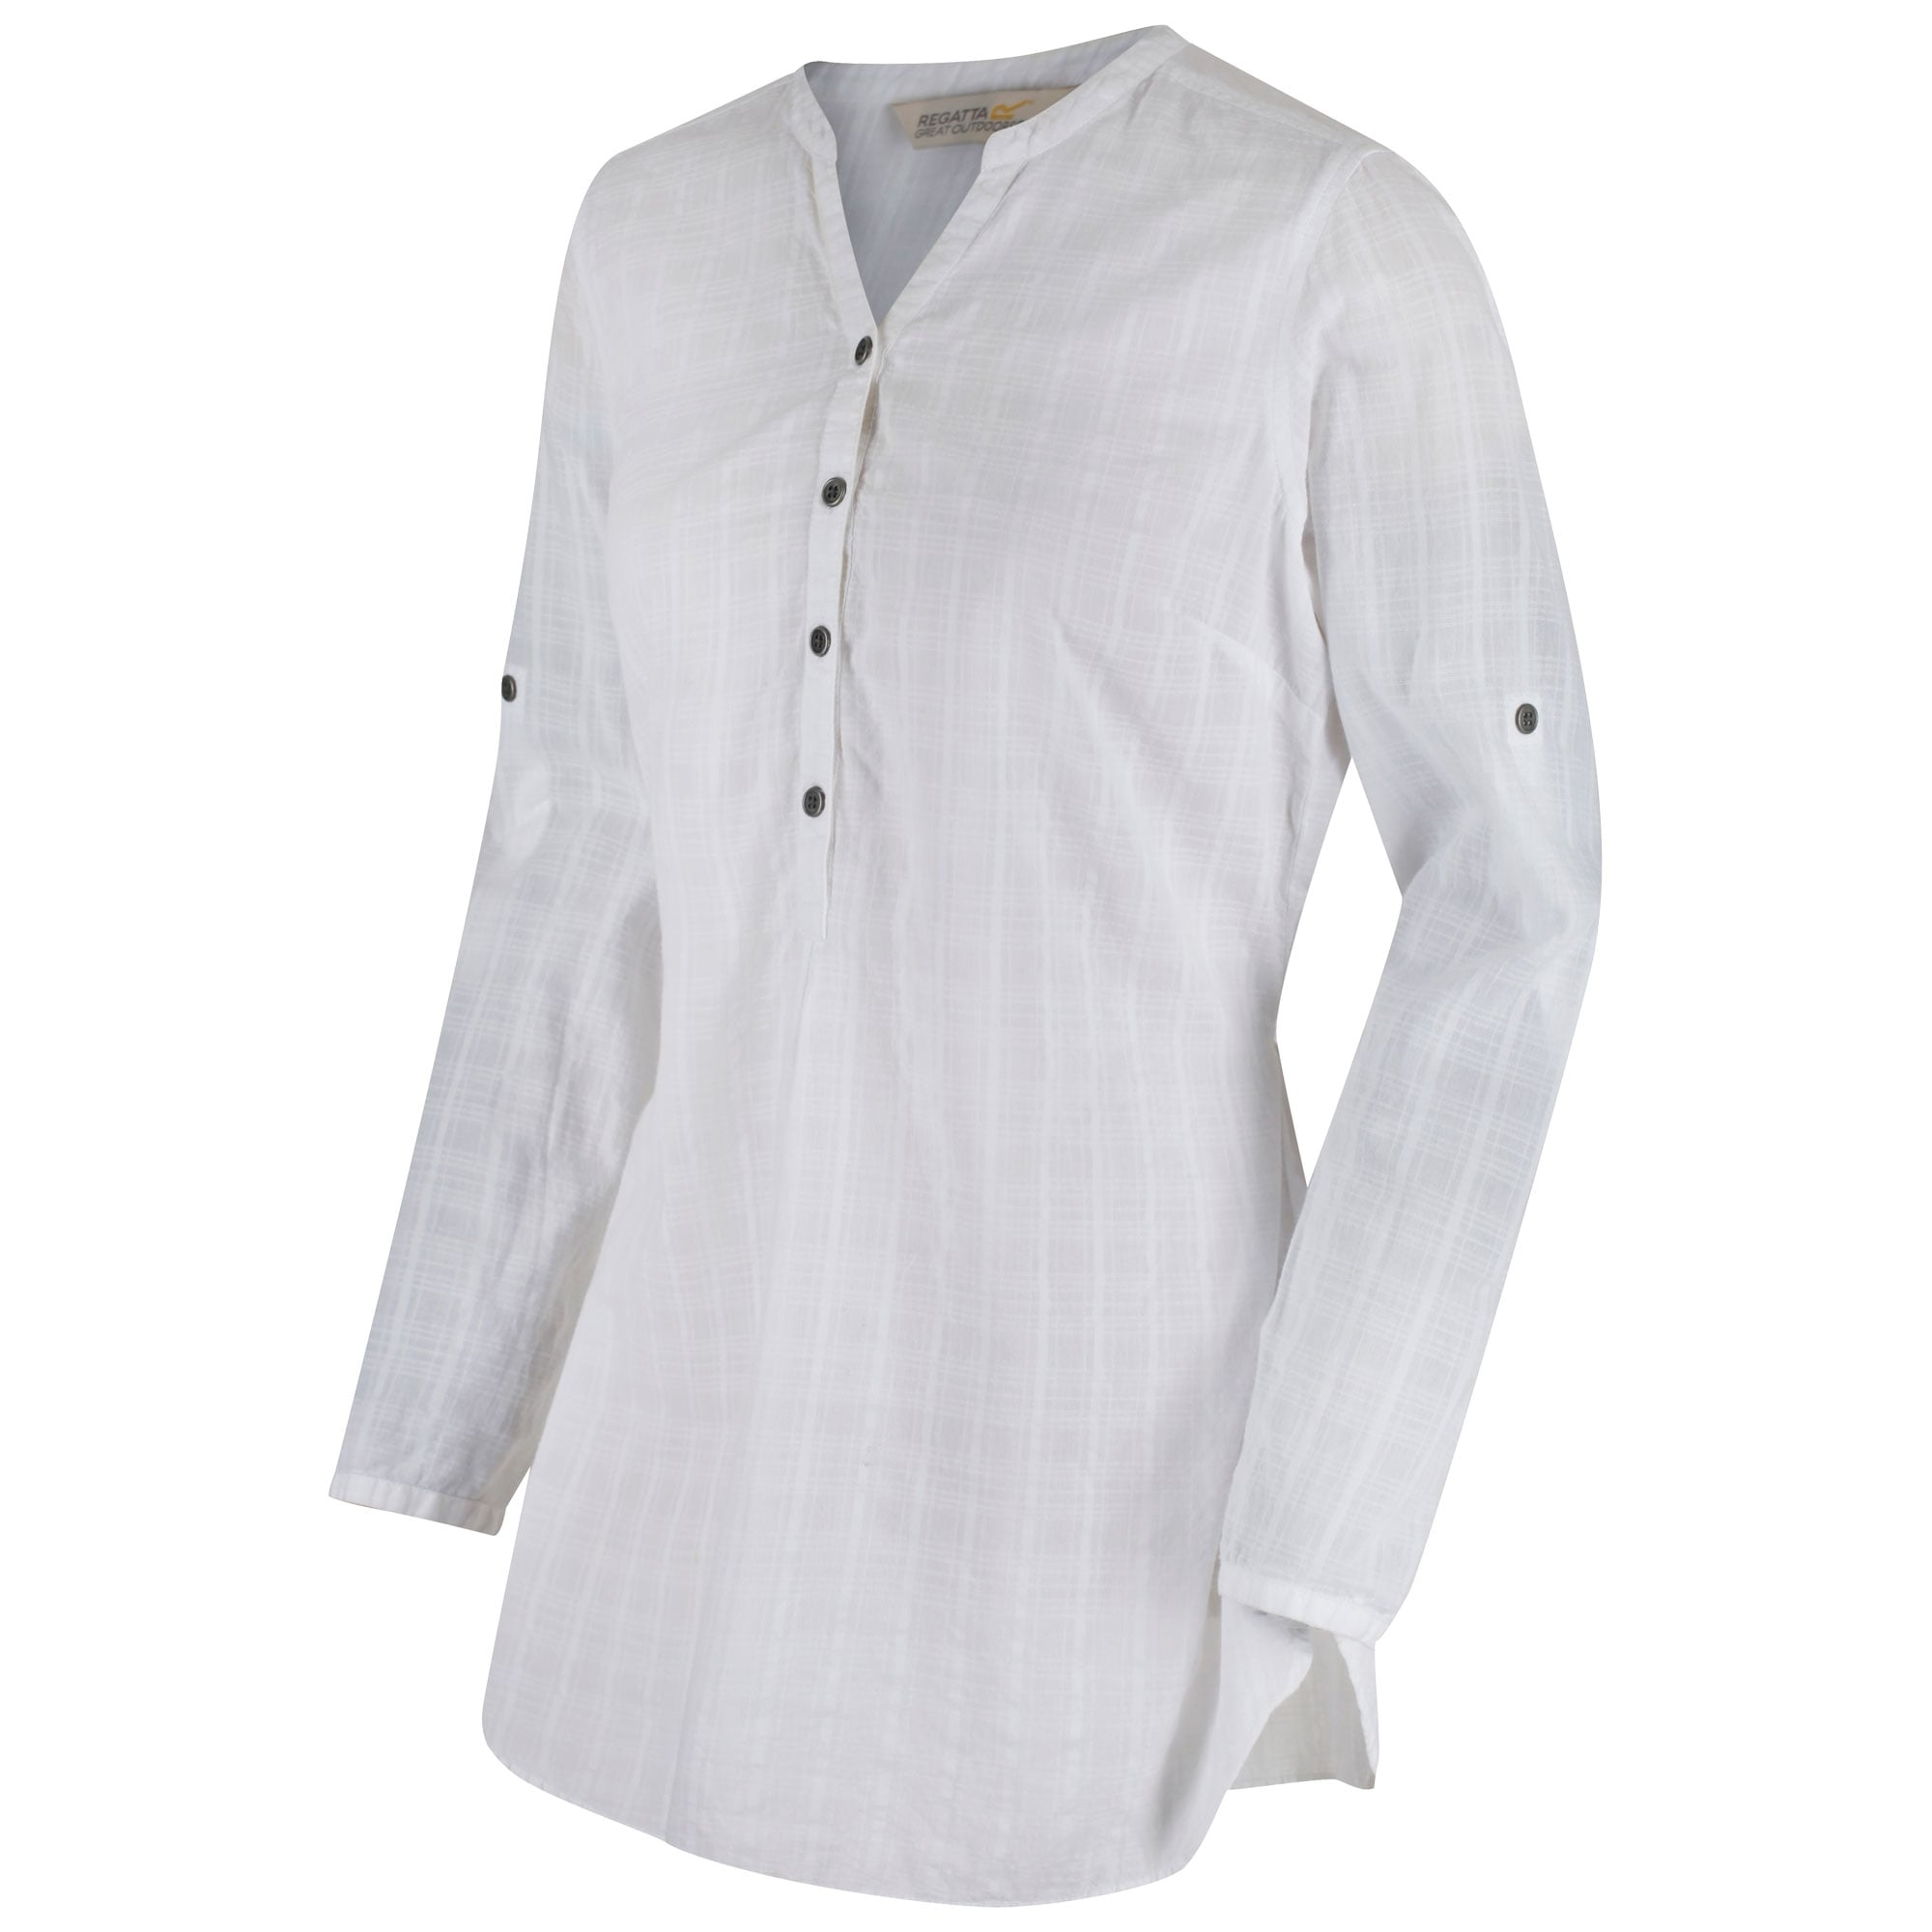 Regatta Womens Mackayla Shirts